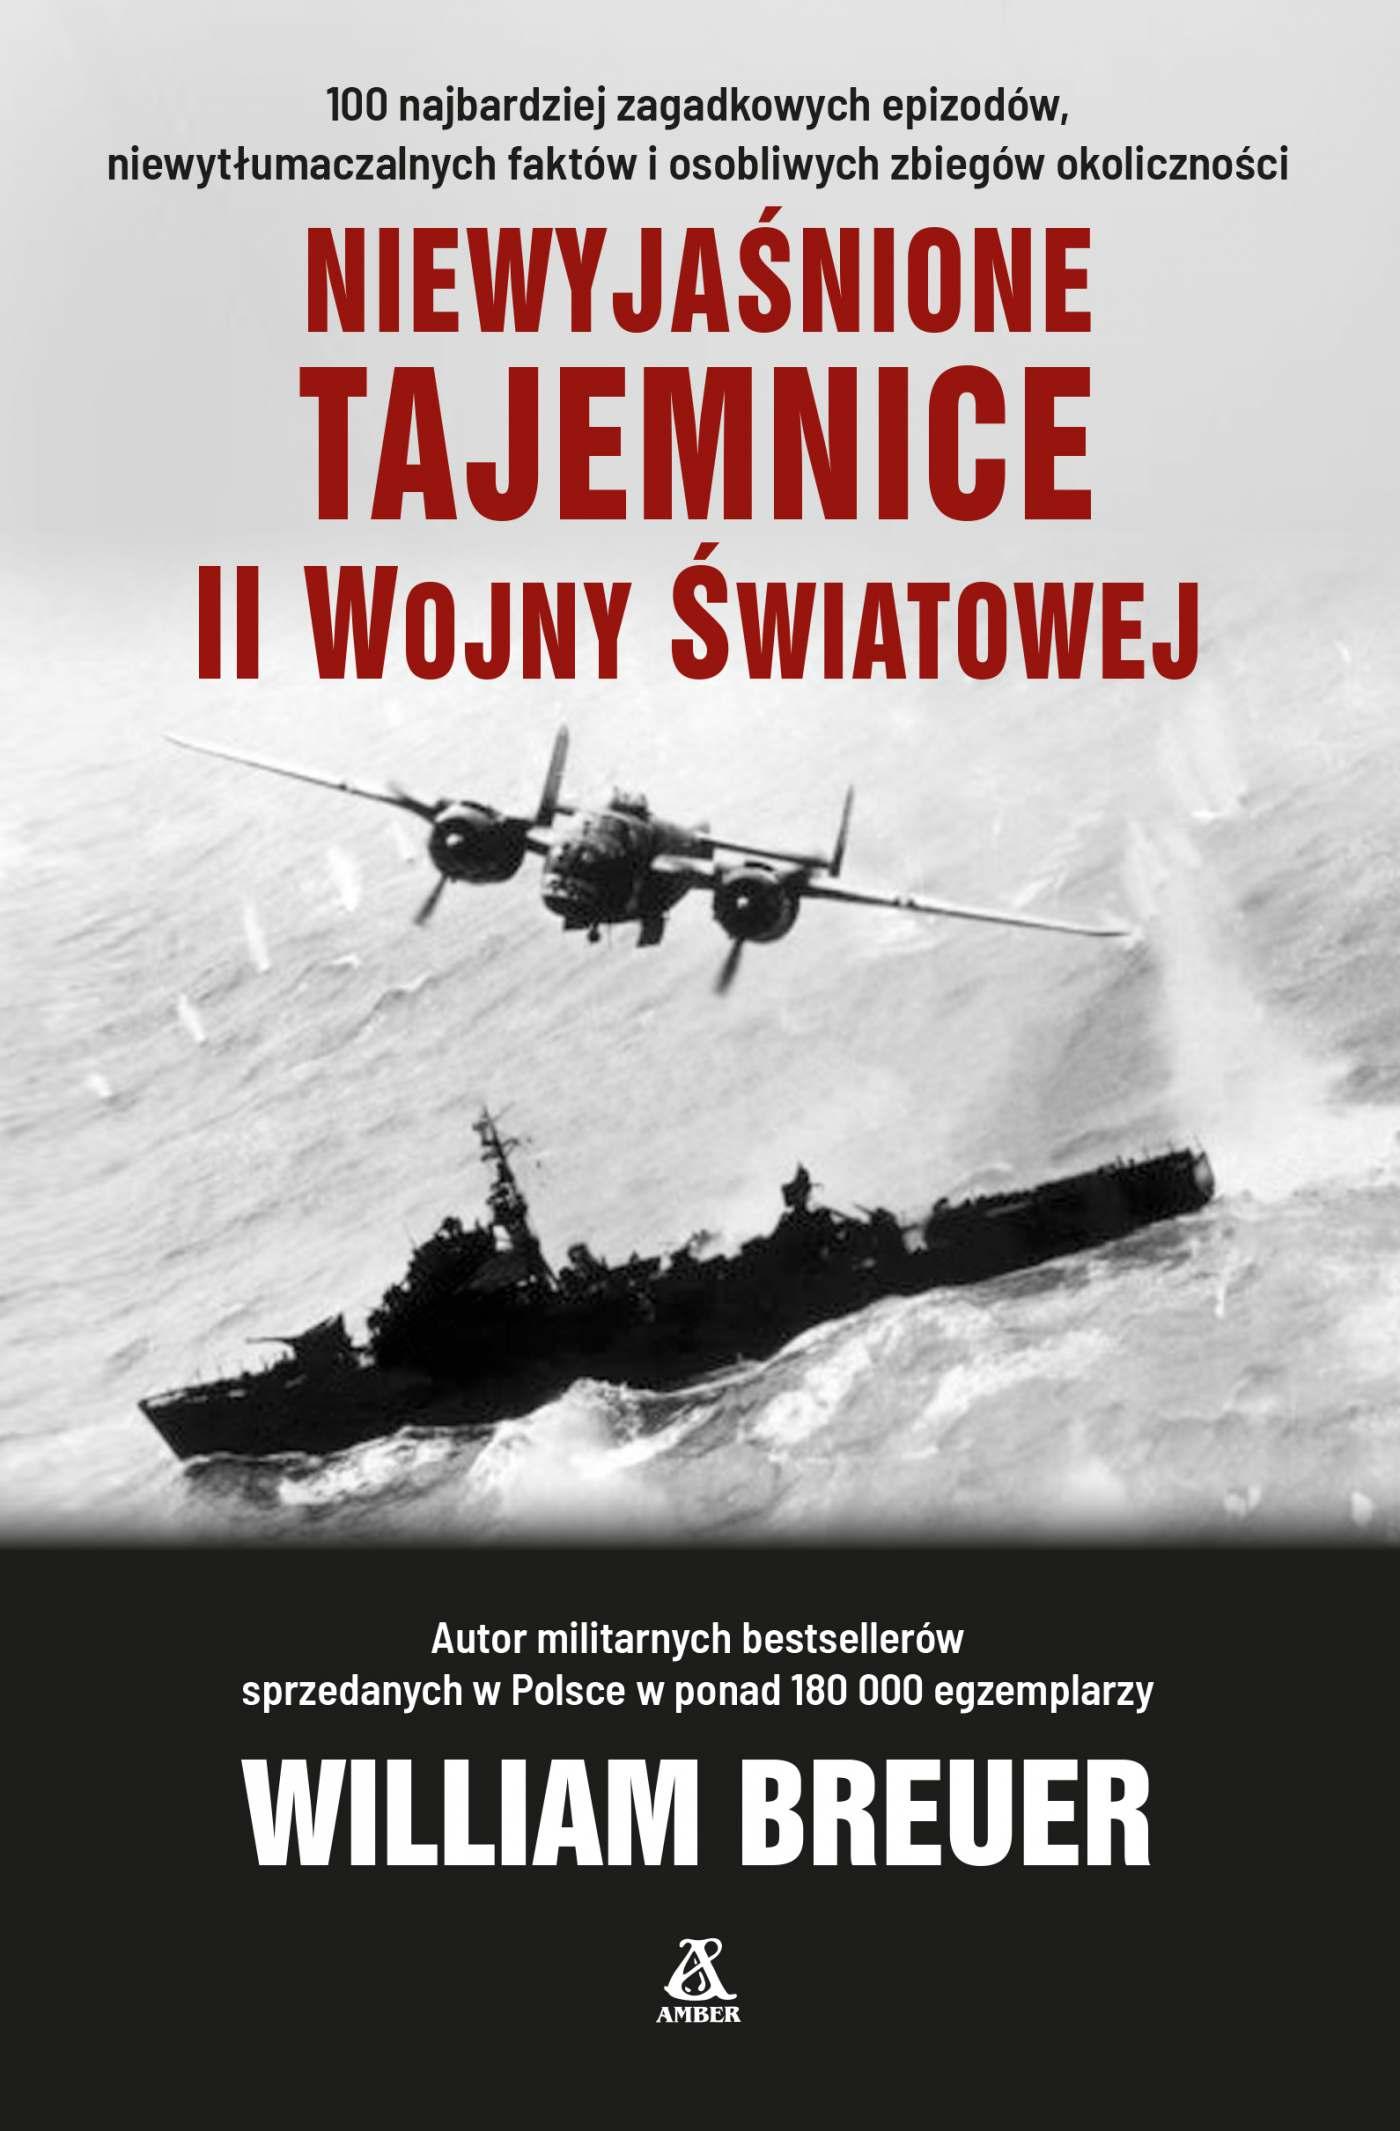 Niewyjaśnione tajemnice II wojny światowej - Ebook (Książka na Kindle) do pobrania w formacie MOBI